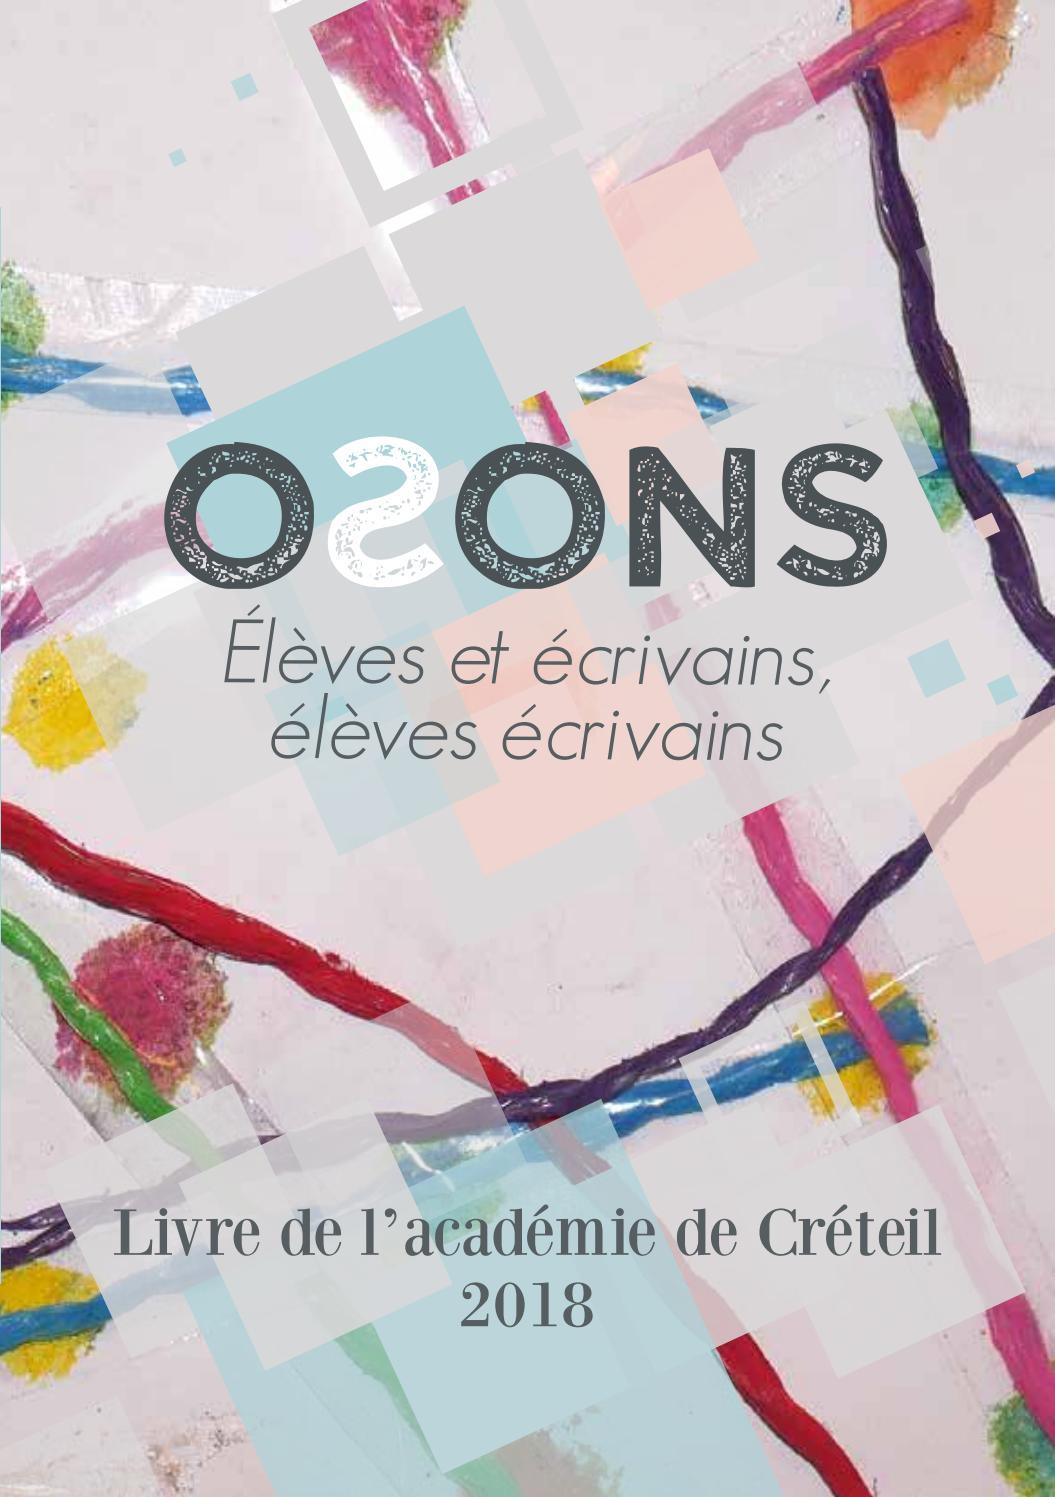 Livre Académique De Créteil 2018 Osons By Académie De